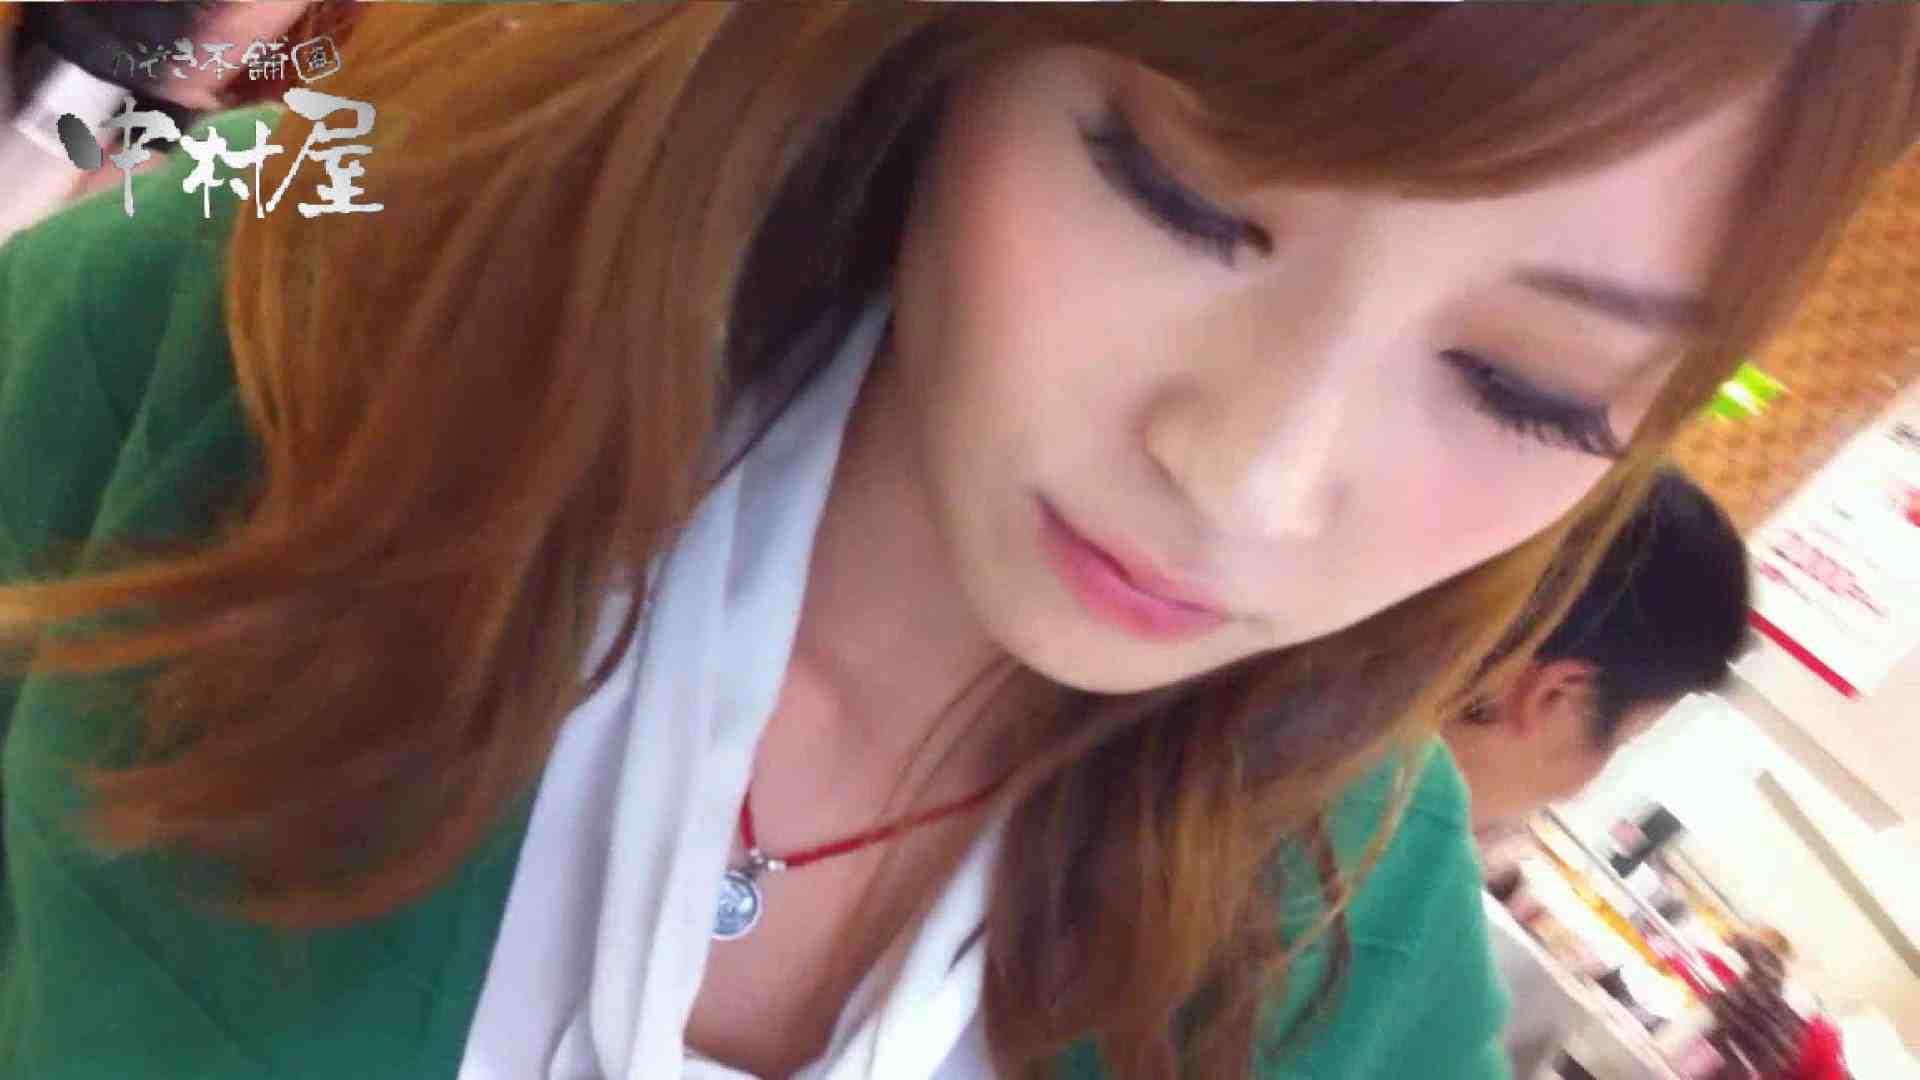 vol.48可愛いカリスマ店員胸チラ&パンチラ アニメ声の店員さん チラ エロ無料画像 96連発 82